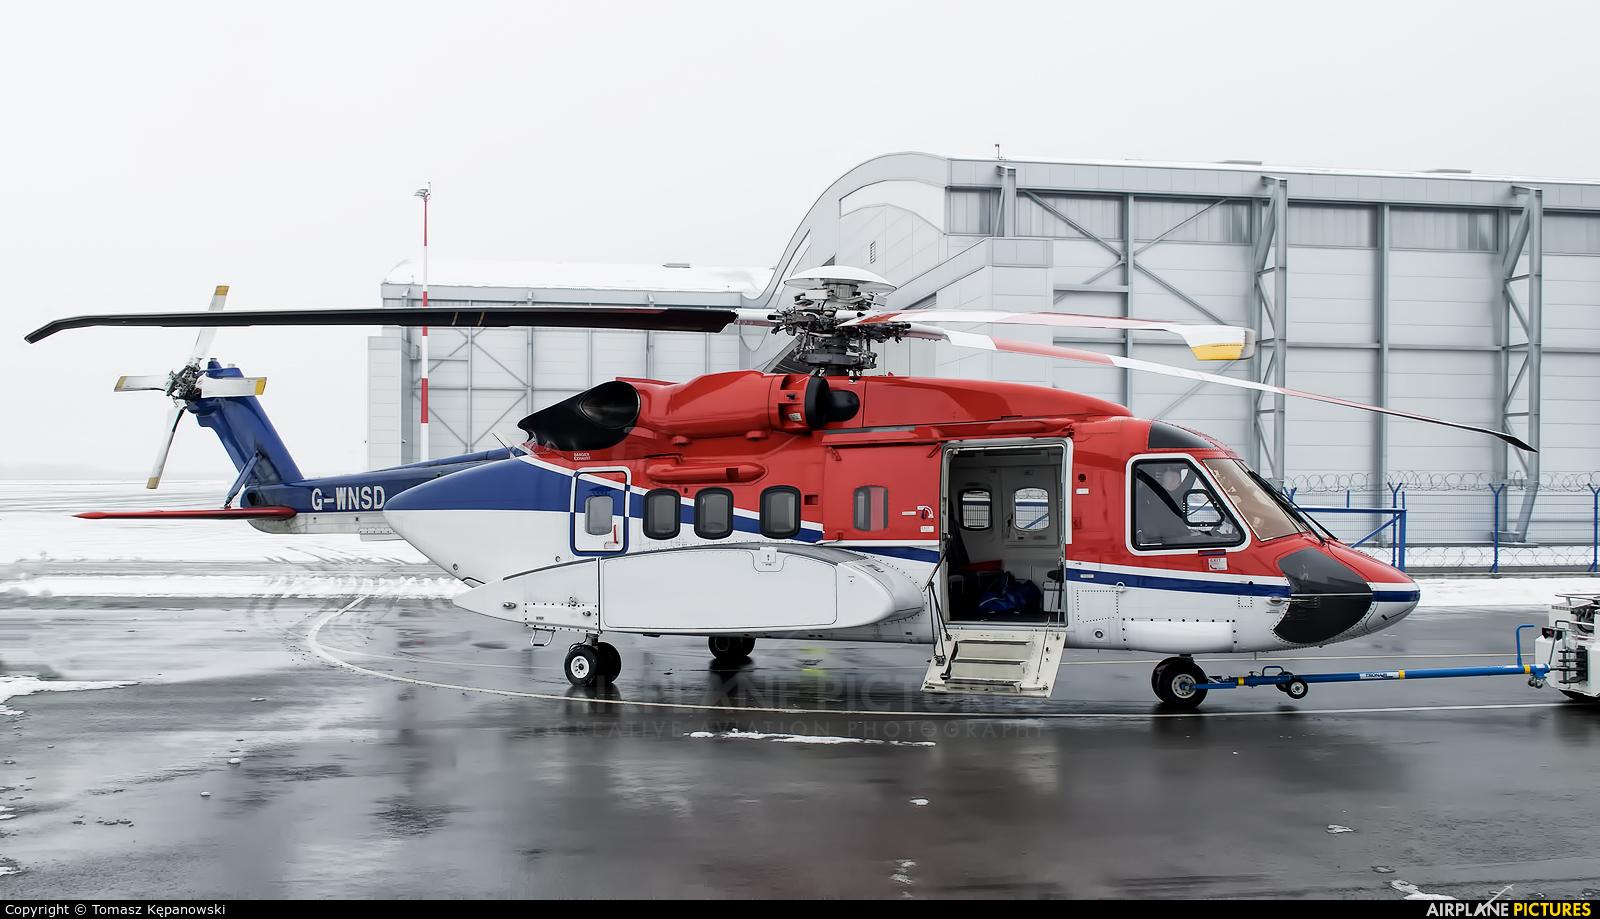 CHC Scotia G-WNSD aircraft at Rzeszów-Jasionka